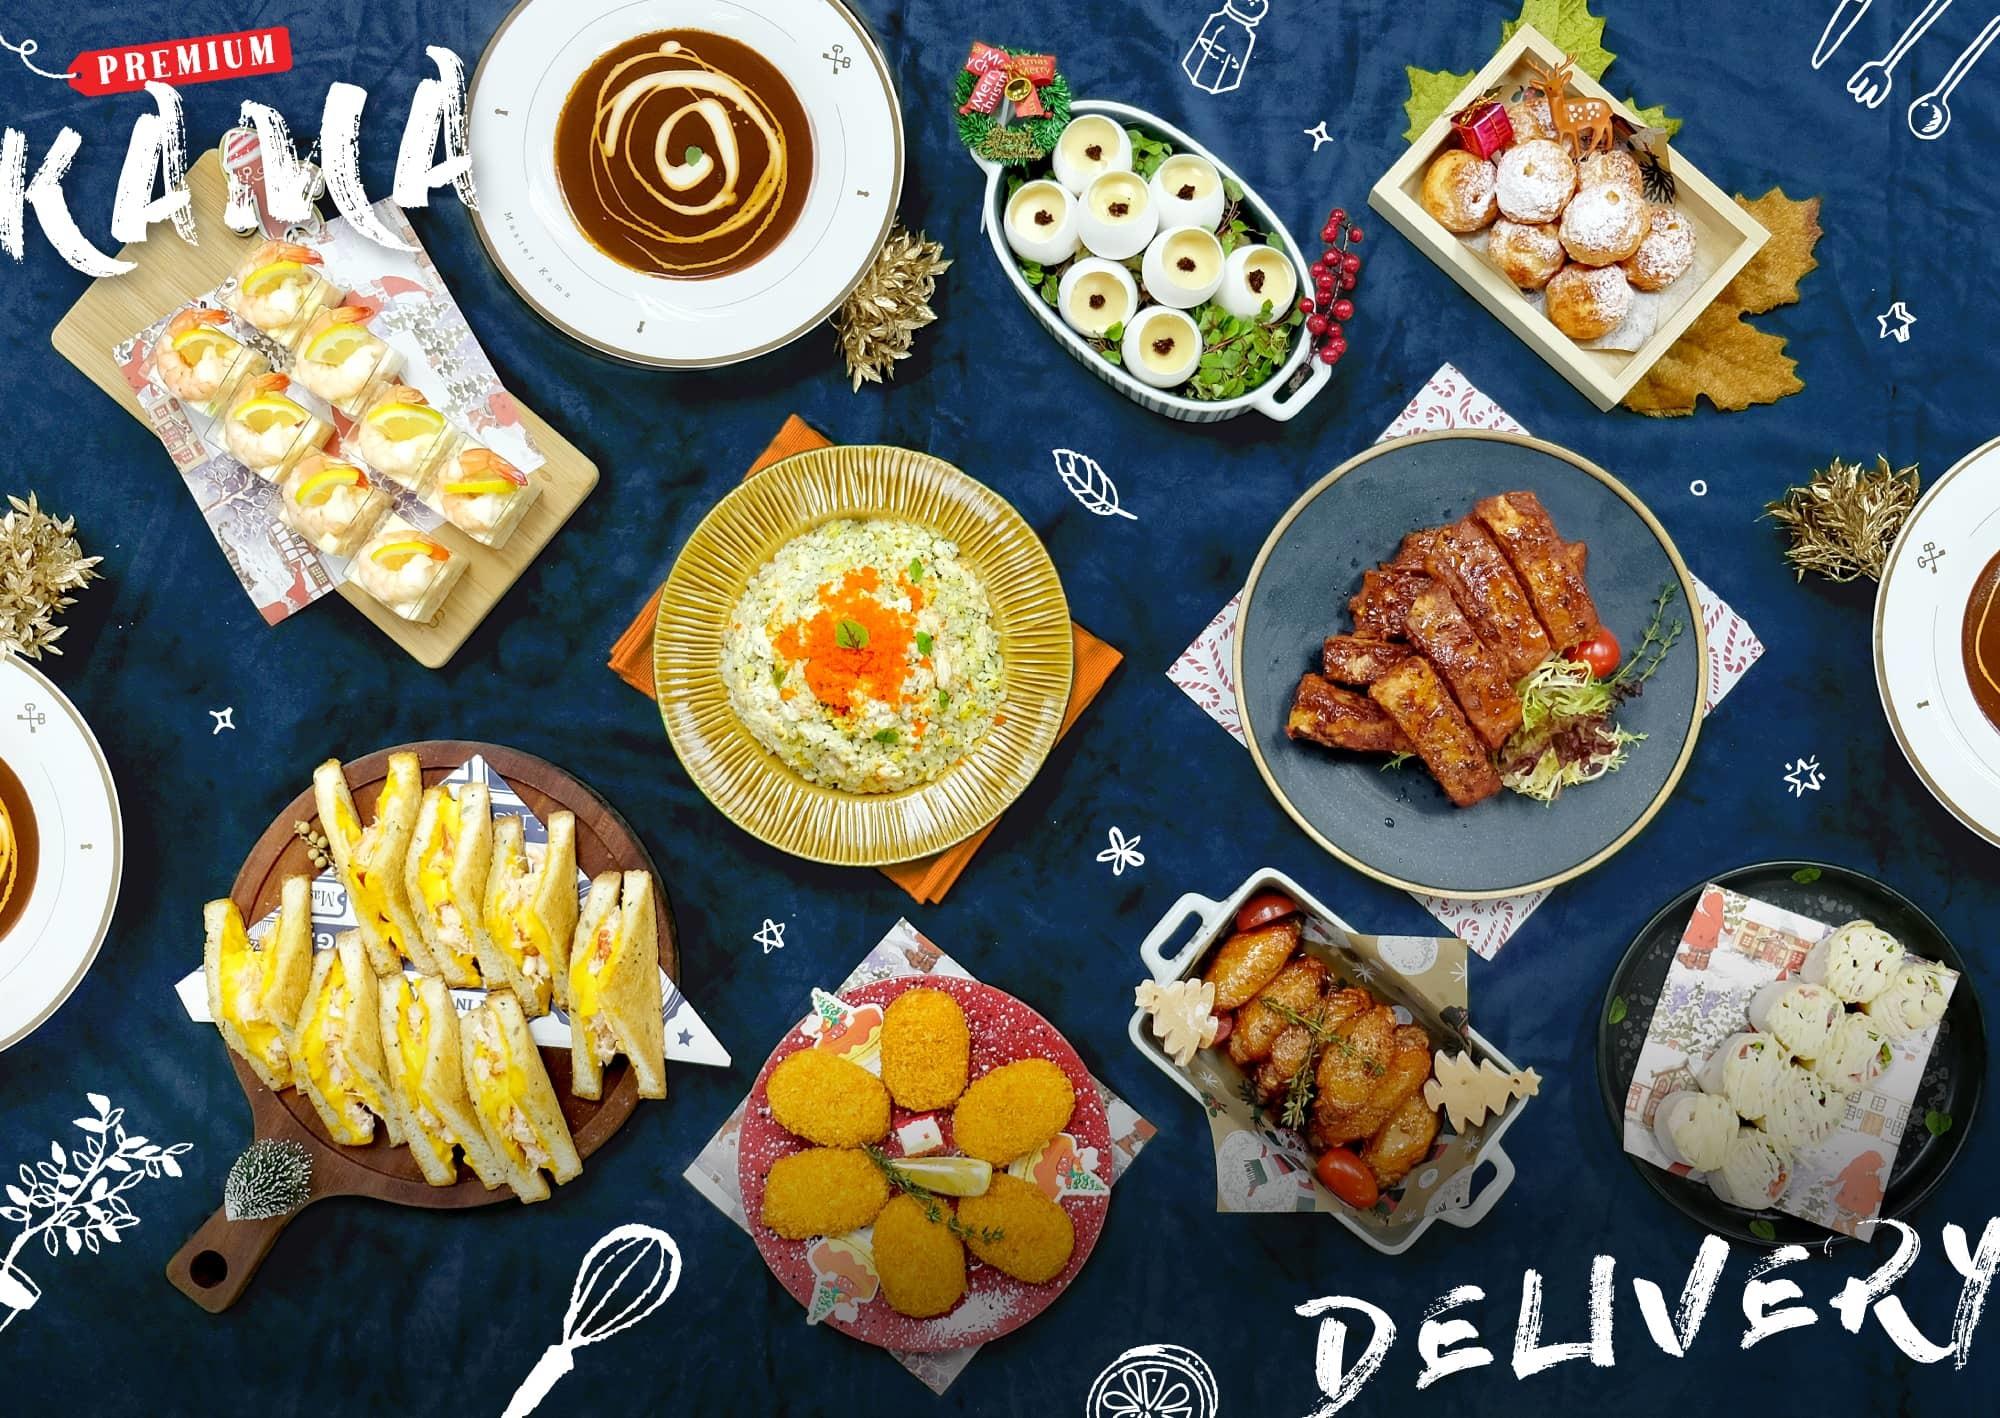 87人外賣套餐推介|Kama Delivery大型直送到會服務|精選自訂人數餐盒|特設全香港免費送貨|大量派對美食任君選擇